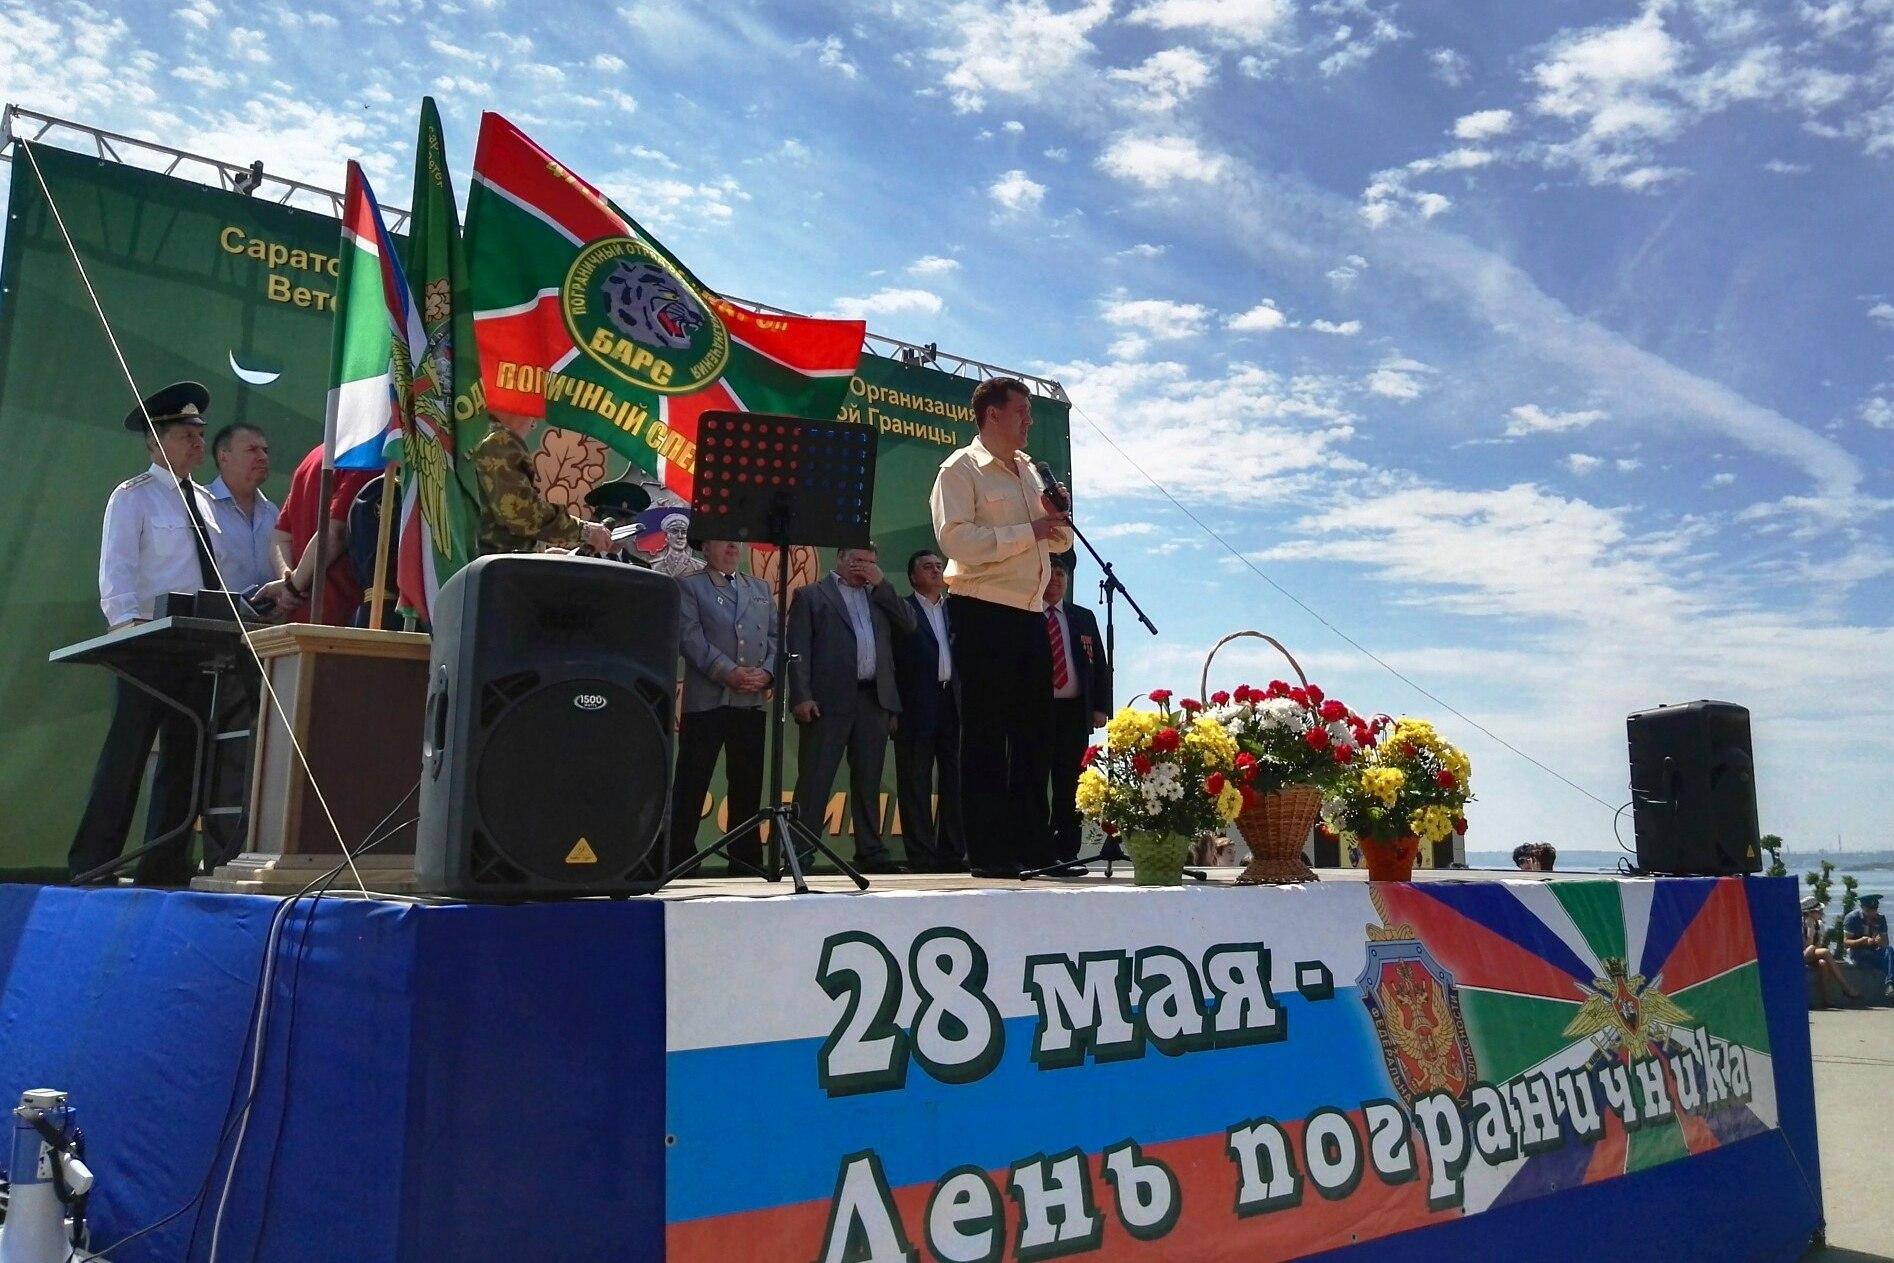 Поздравление Руководителя СВМ Попова В.Н.  на Дне Пограничника 28.05.16